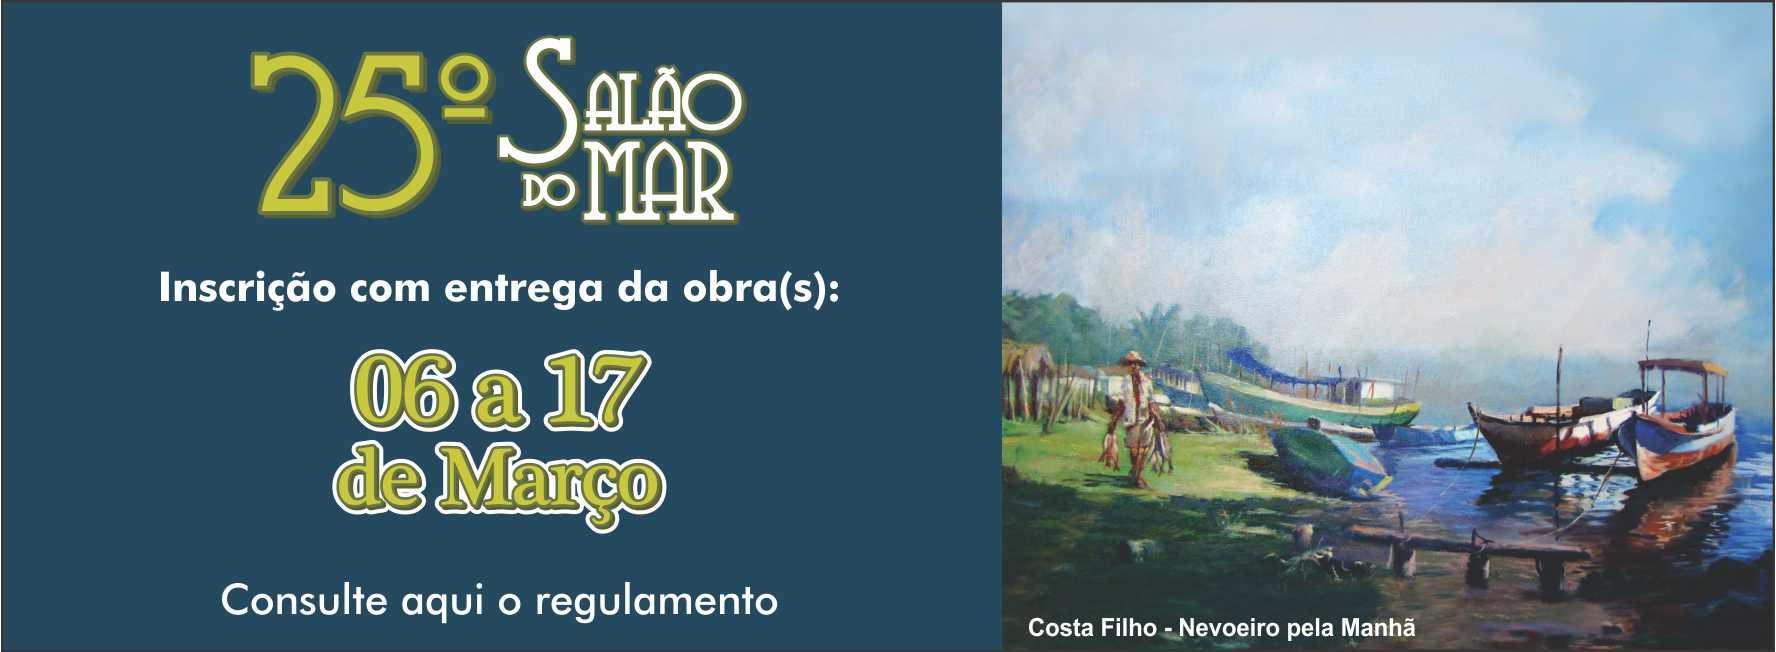 https://www.clubenaval.org.br/novo/25%C2%BA-sal%C3%A3o-do-mar-0